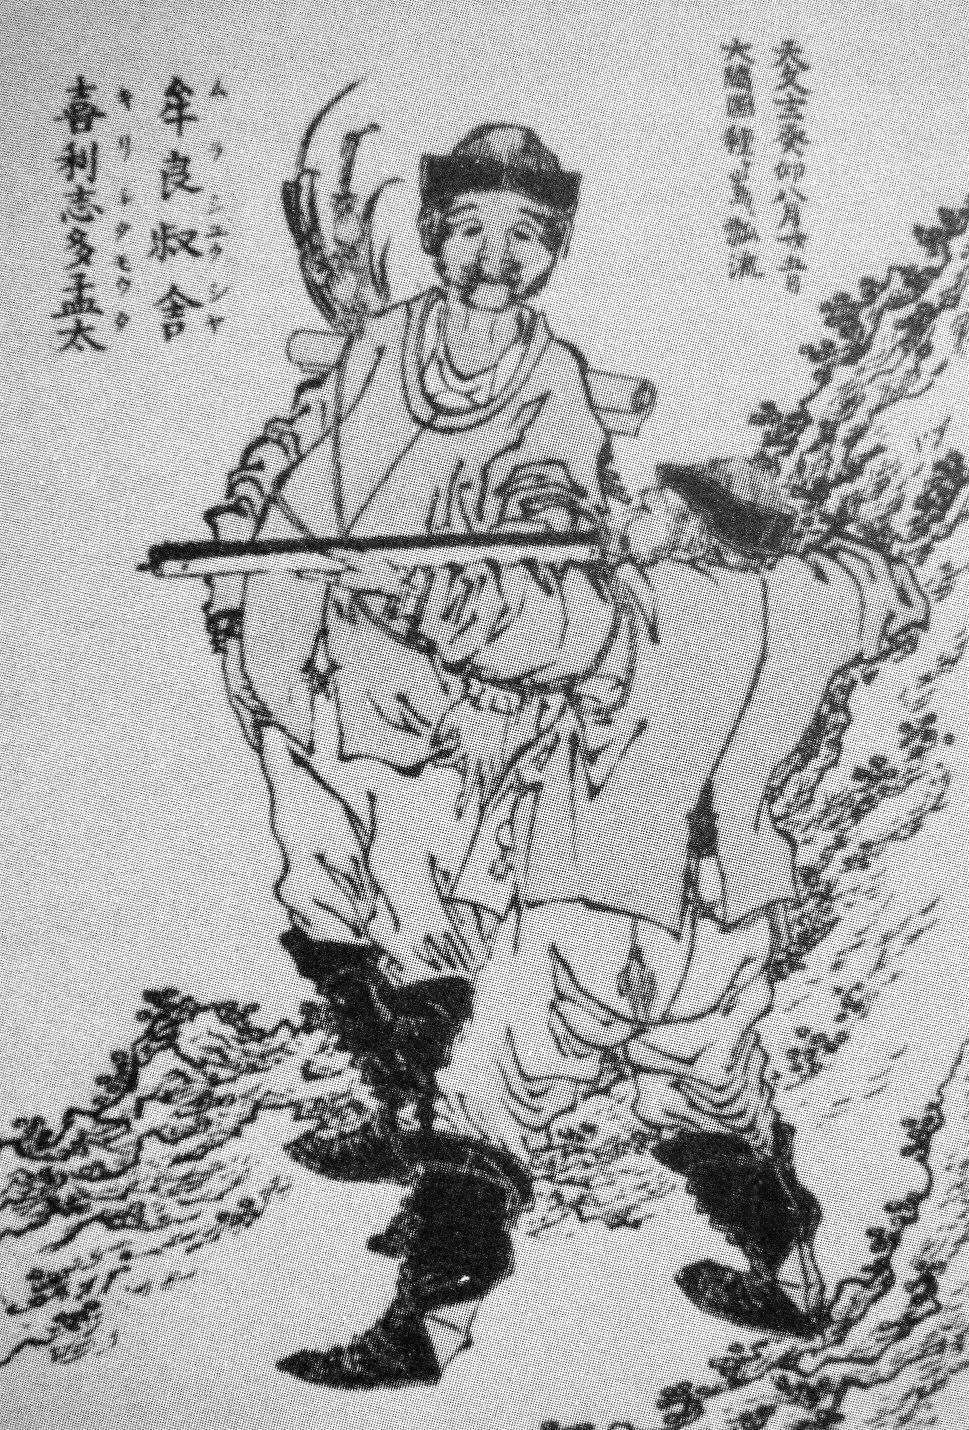 Hokusai 1817 First Guns in Japan